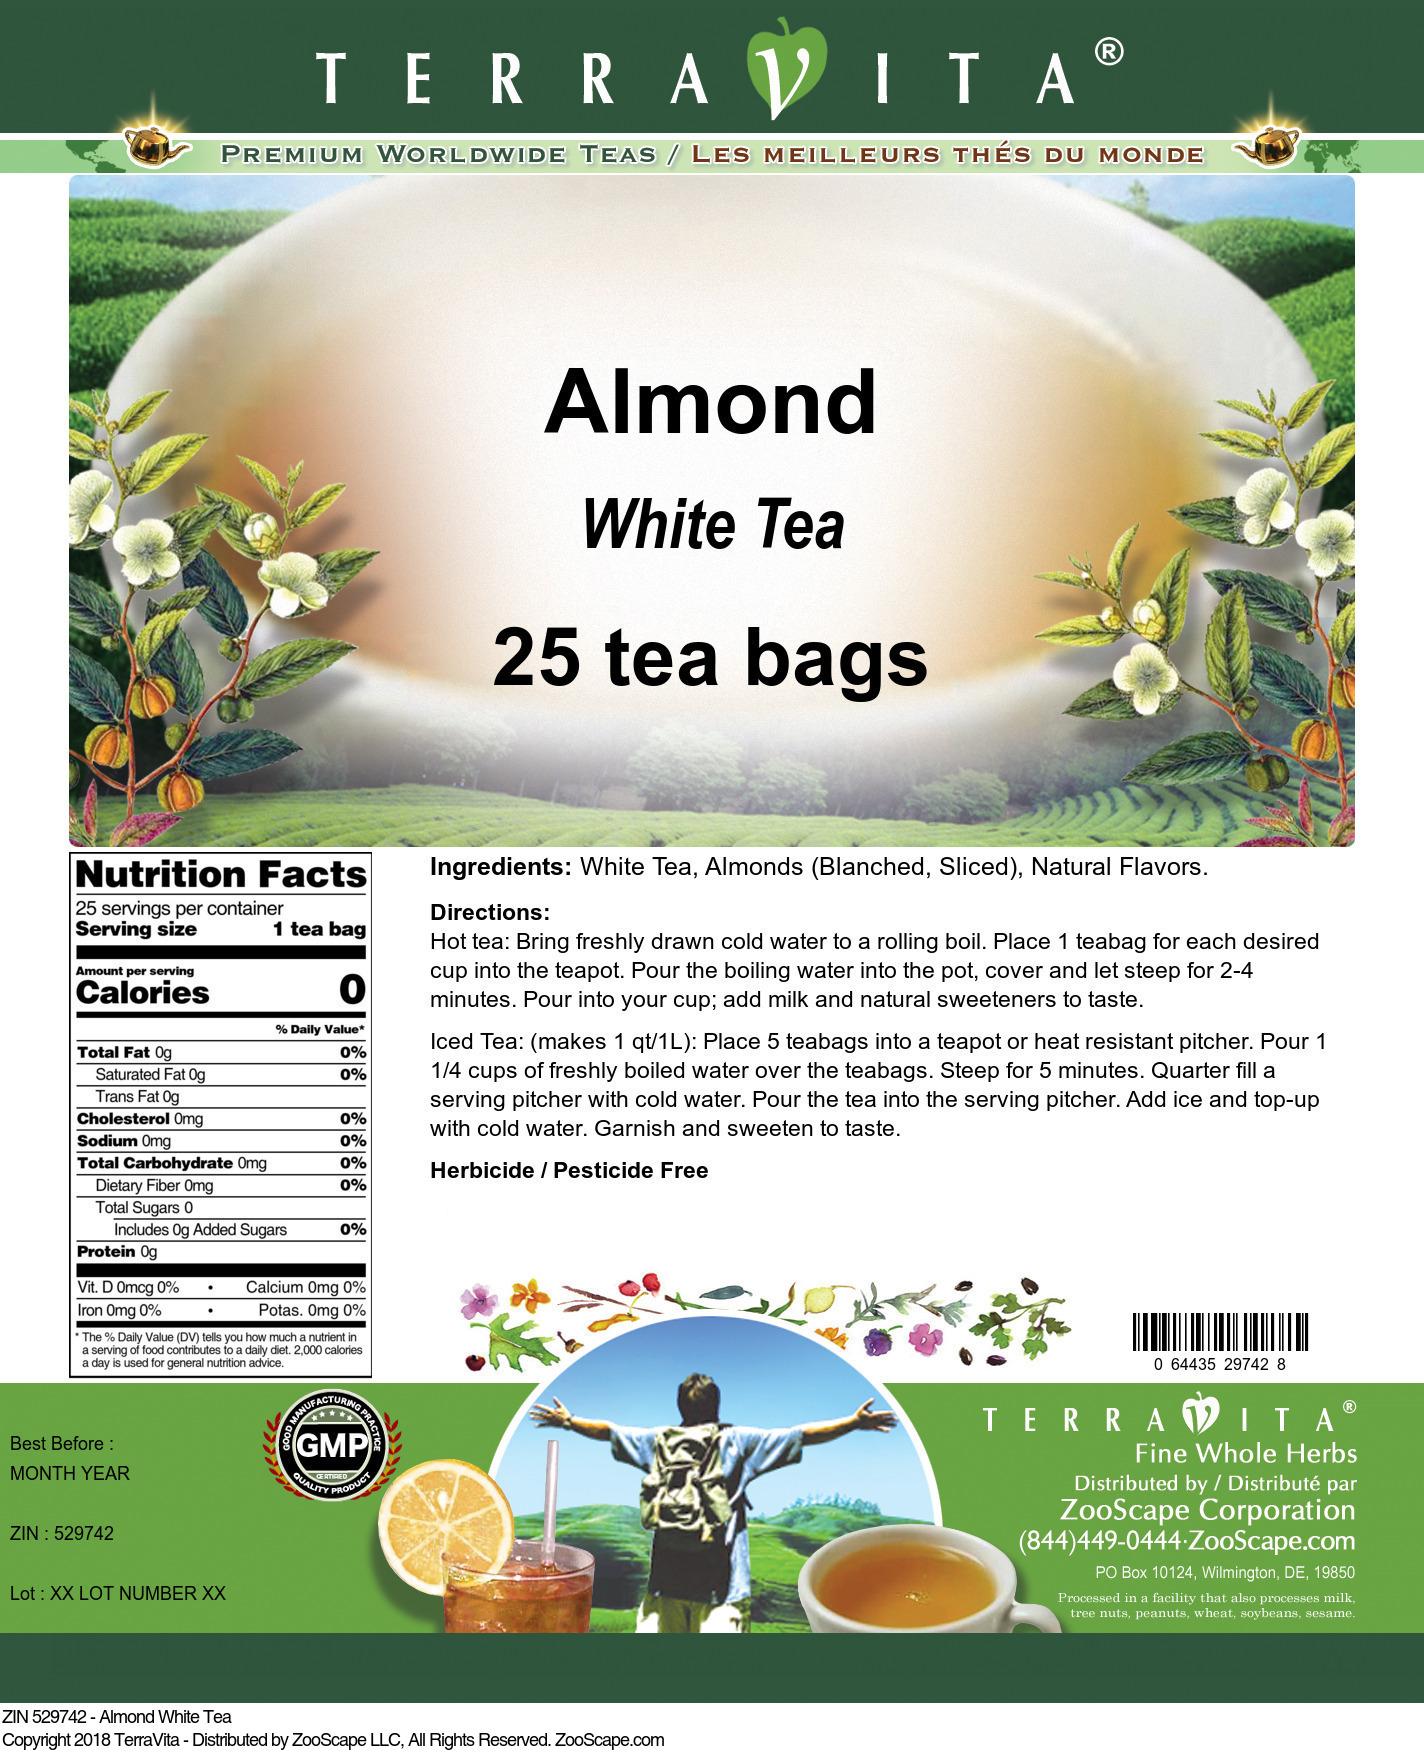 Almond White Tea